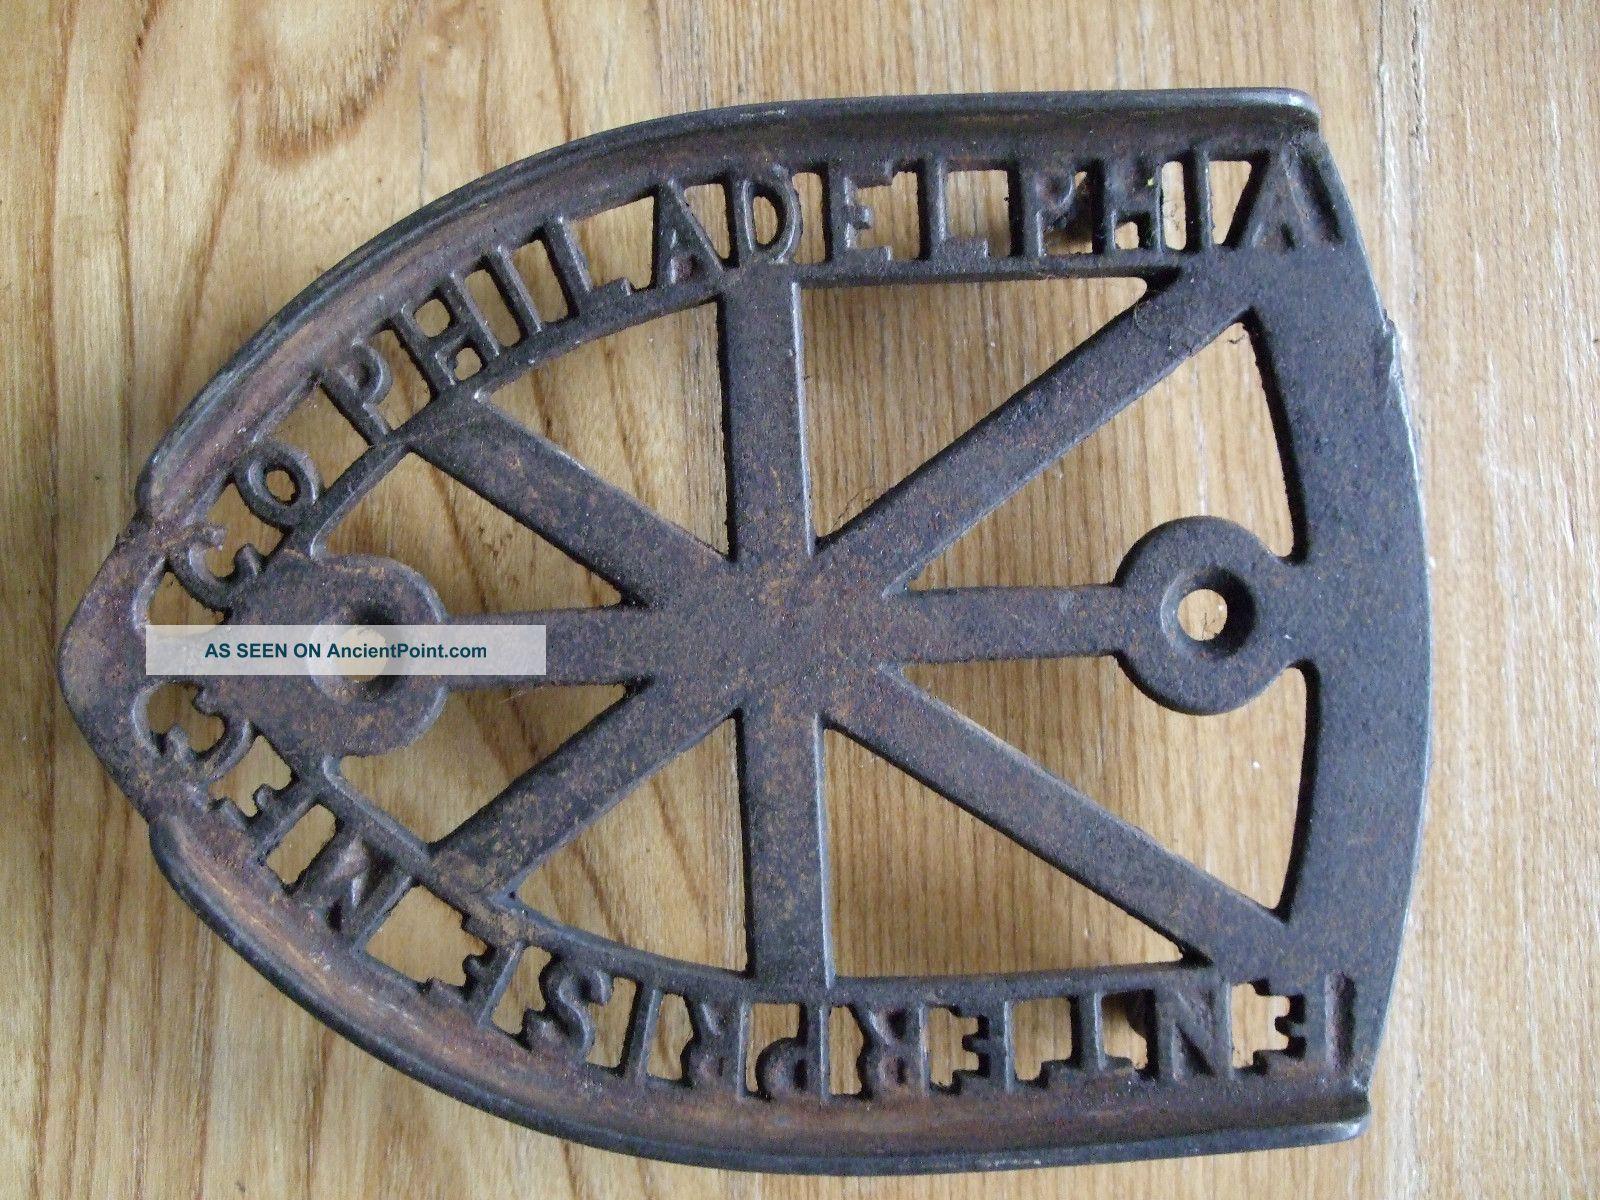 Antique Cast Iron Trivet Sad Enterprise Mfc Co Philadelphia Vtg Primitive Rustic Trivets photo